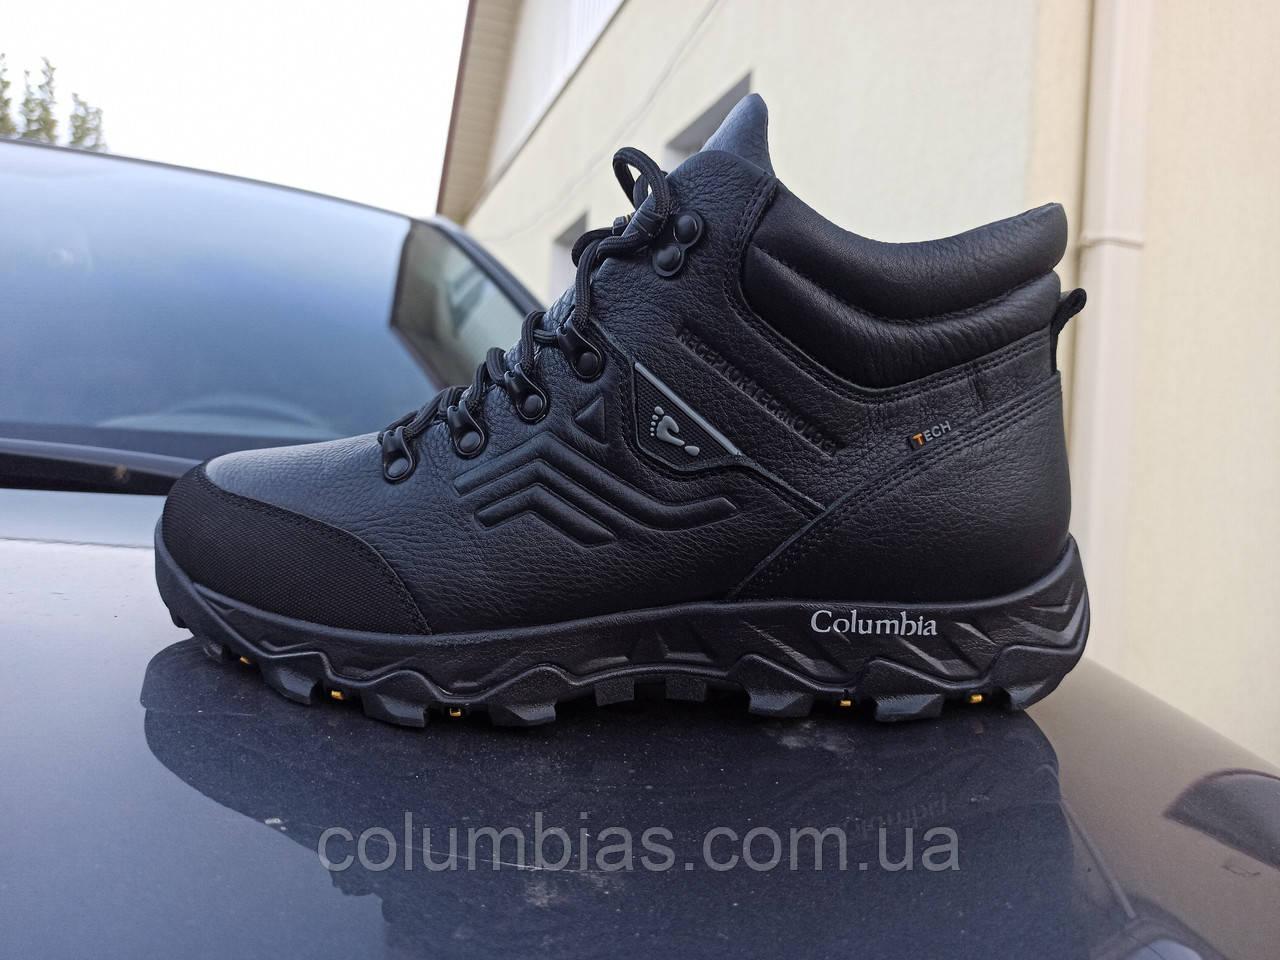 Зимние мужские термоботинки Columbia 897 TPGD